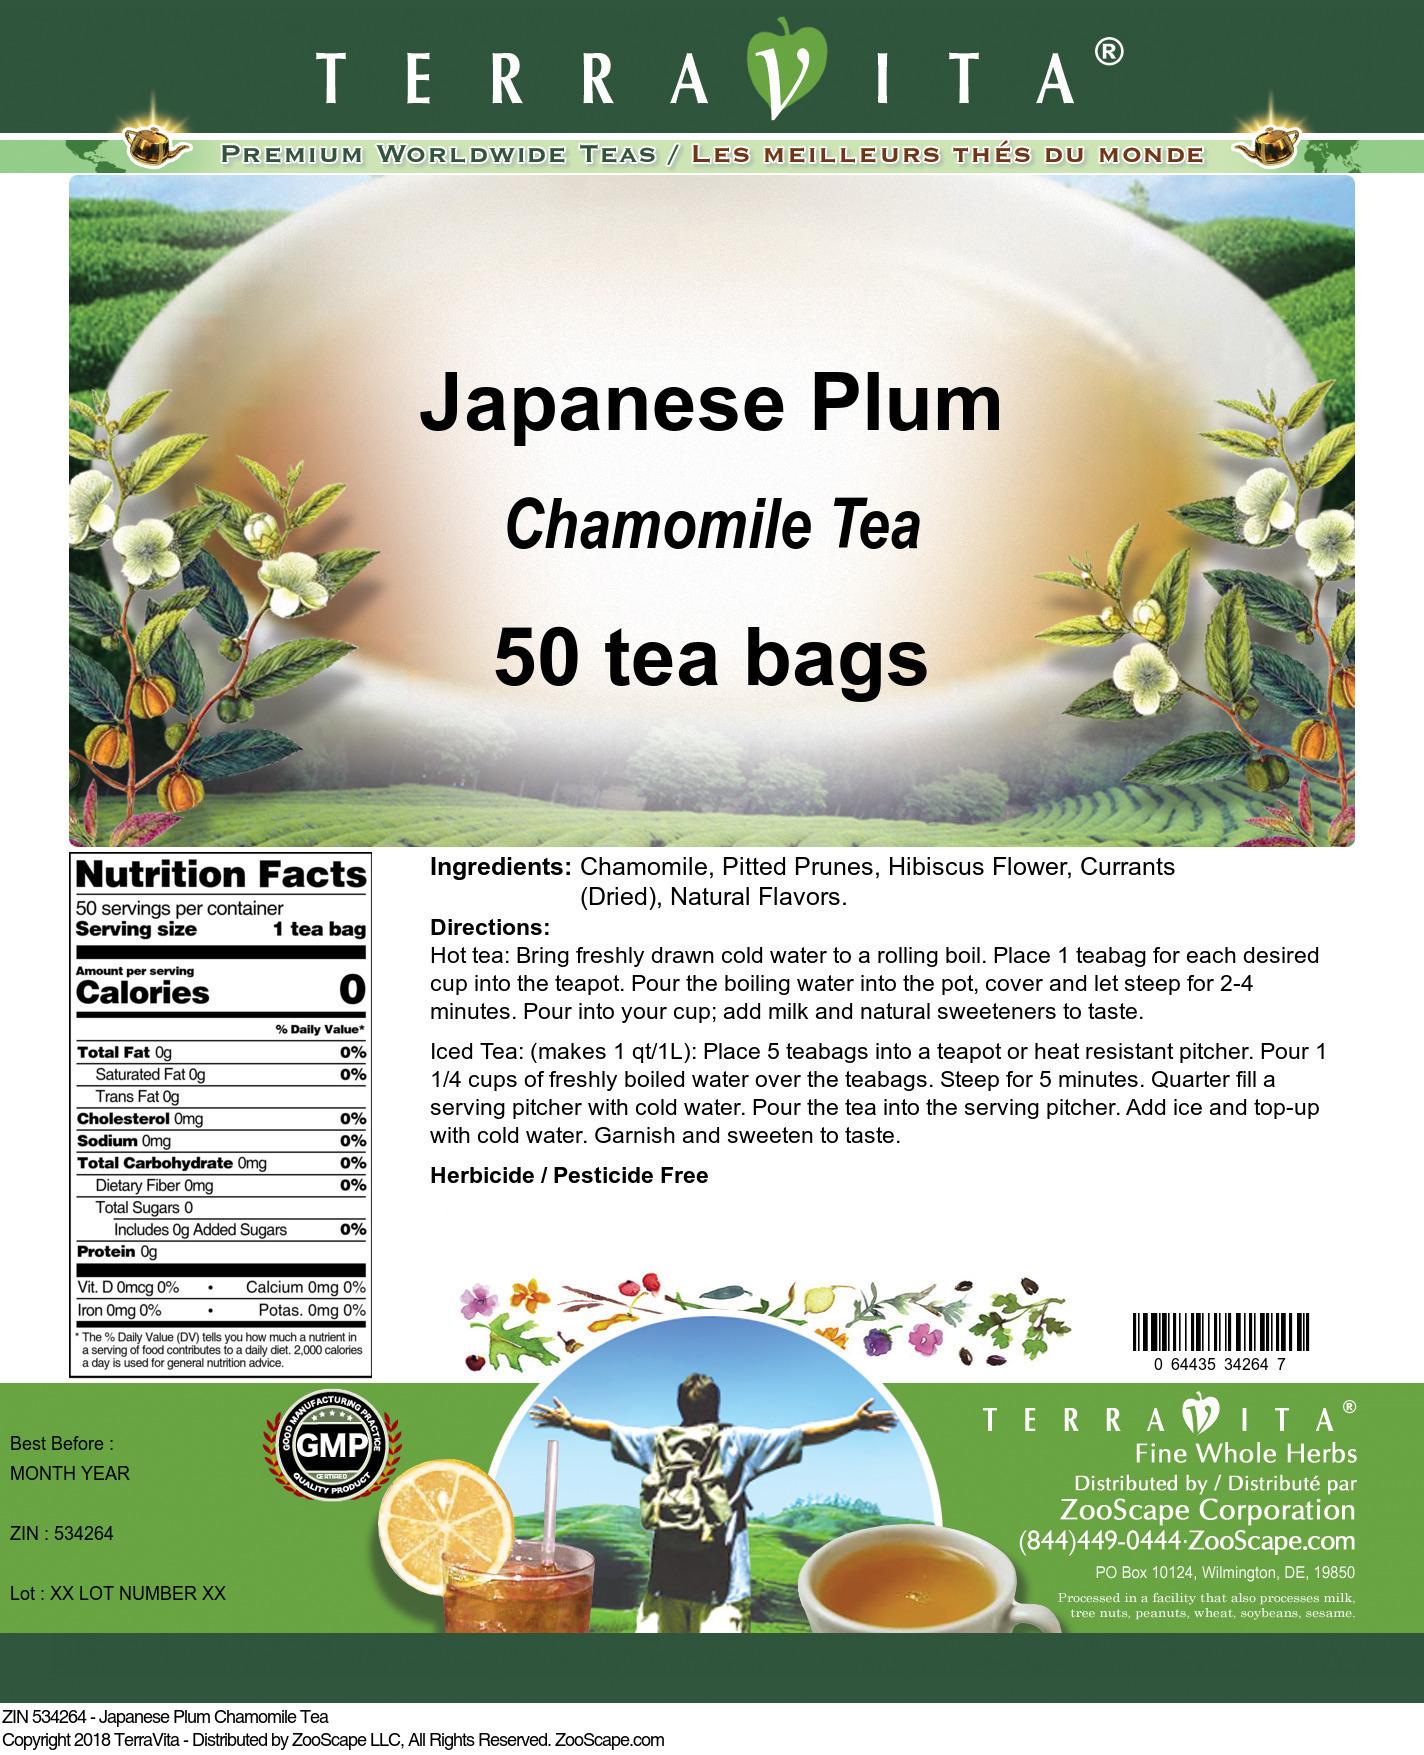 Japanese Plum Chamomile Tea